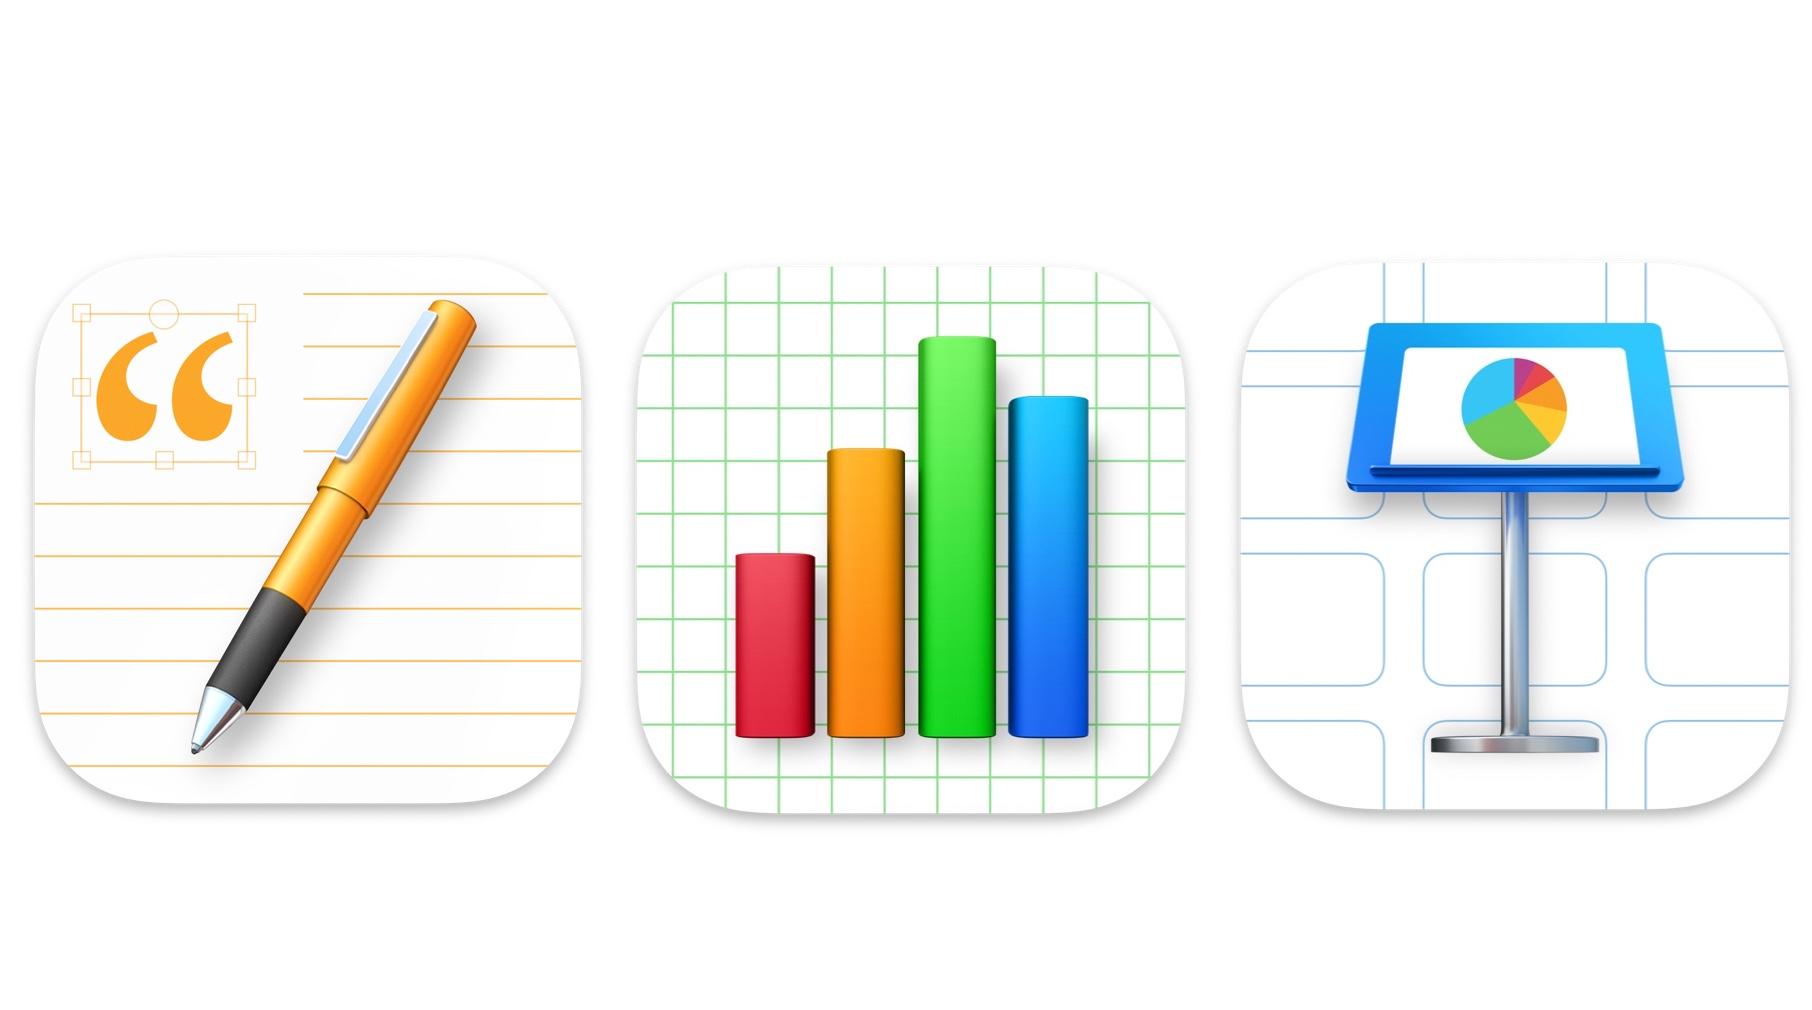 Apple、macOS Big Surの新デザインに合わせた、Iconも変更されたiWorkをリリース